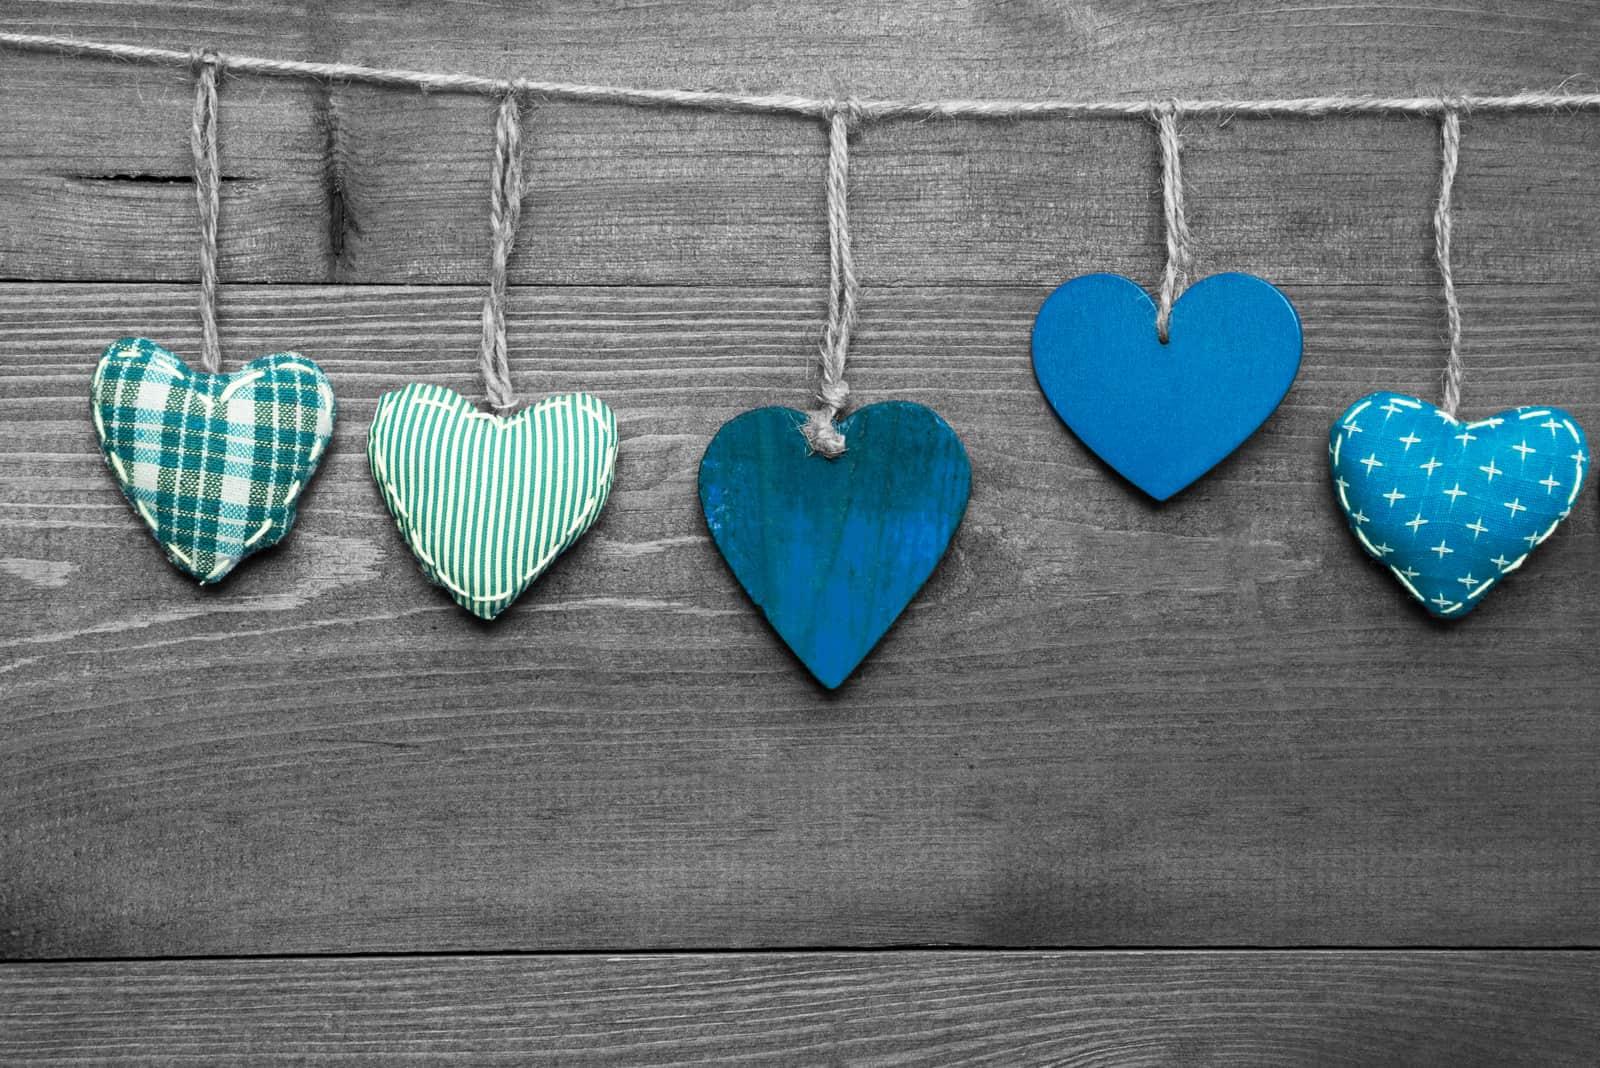 Liebevolle Grußkarte mit türkisfarbenen Herzen